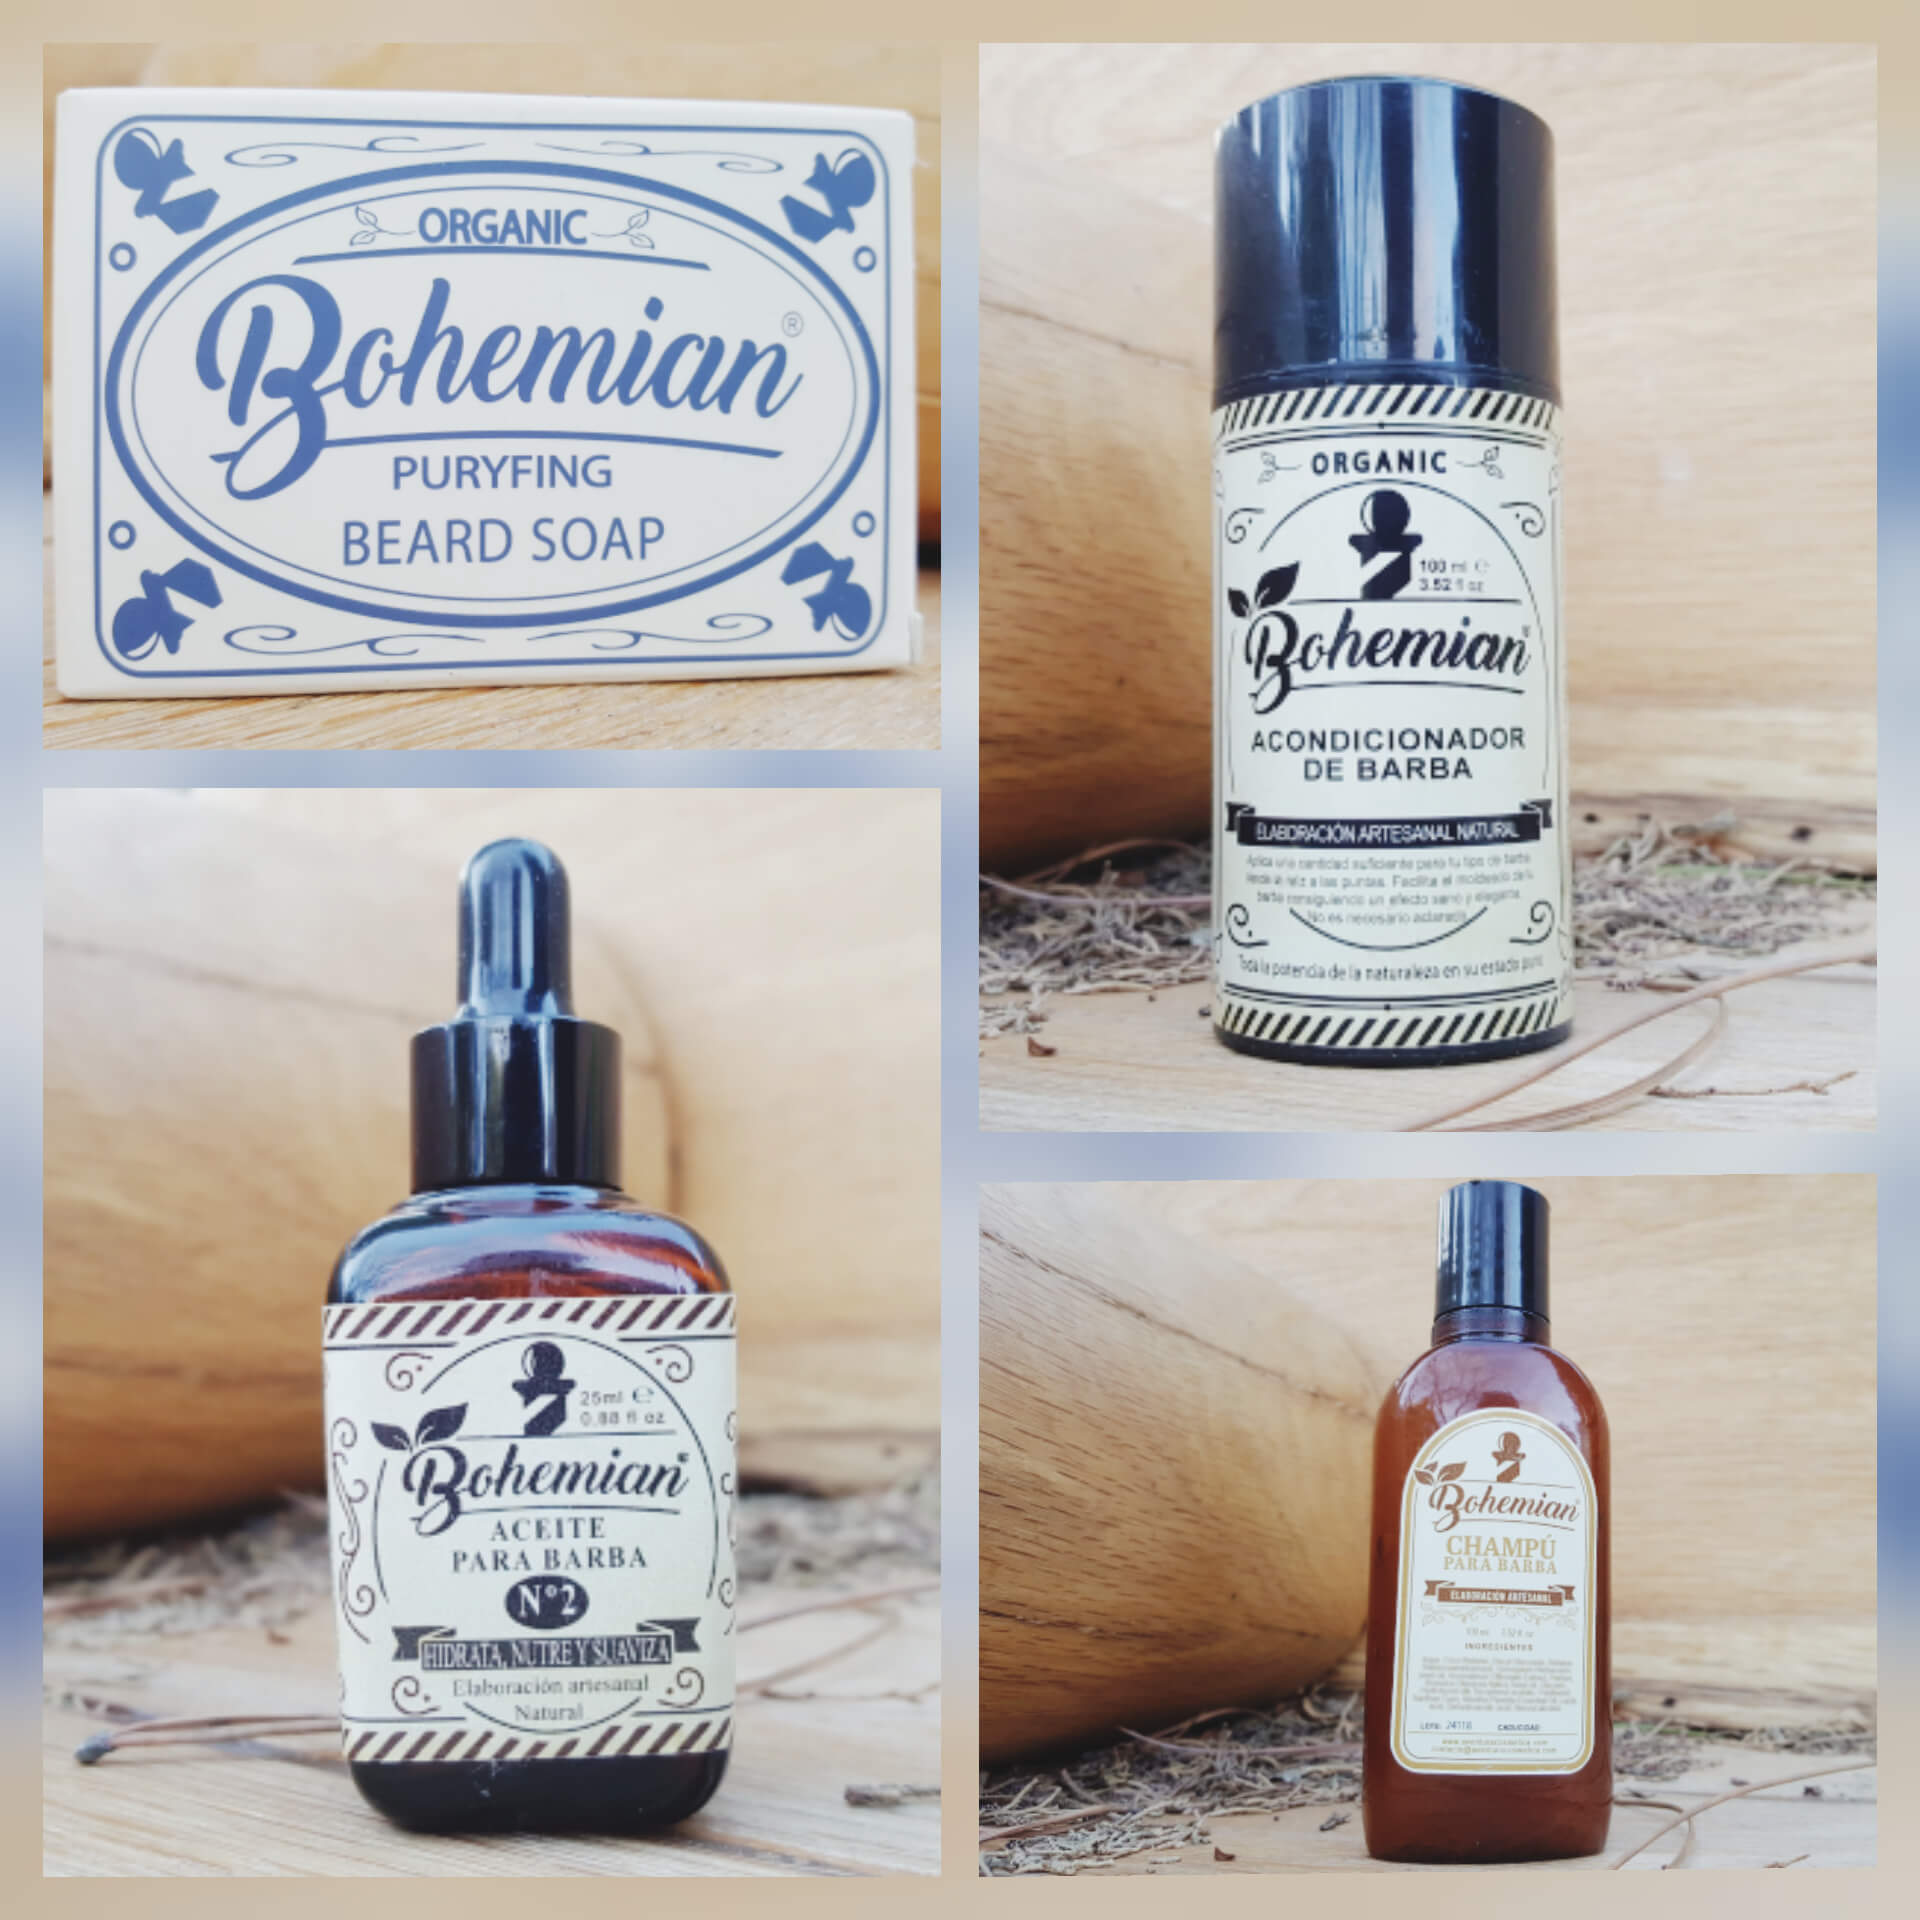 Bohemian men barba cosmetica natural